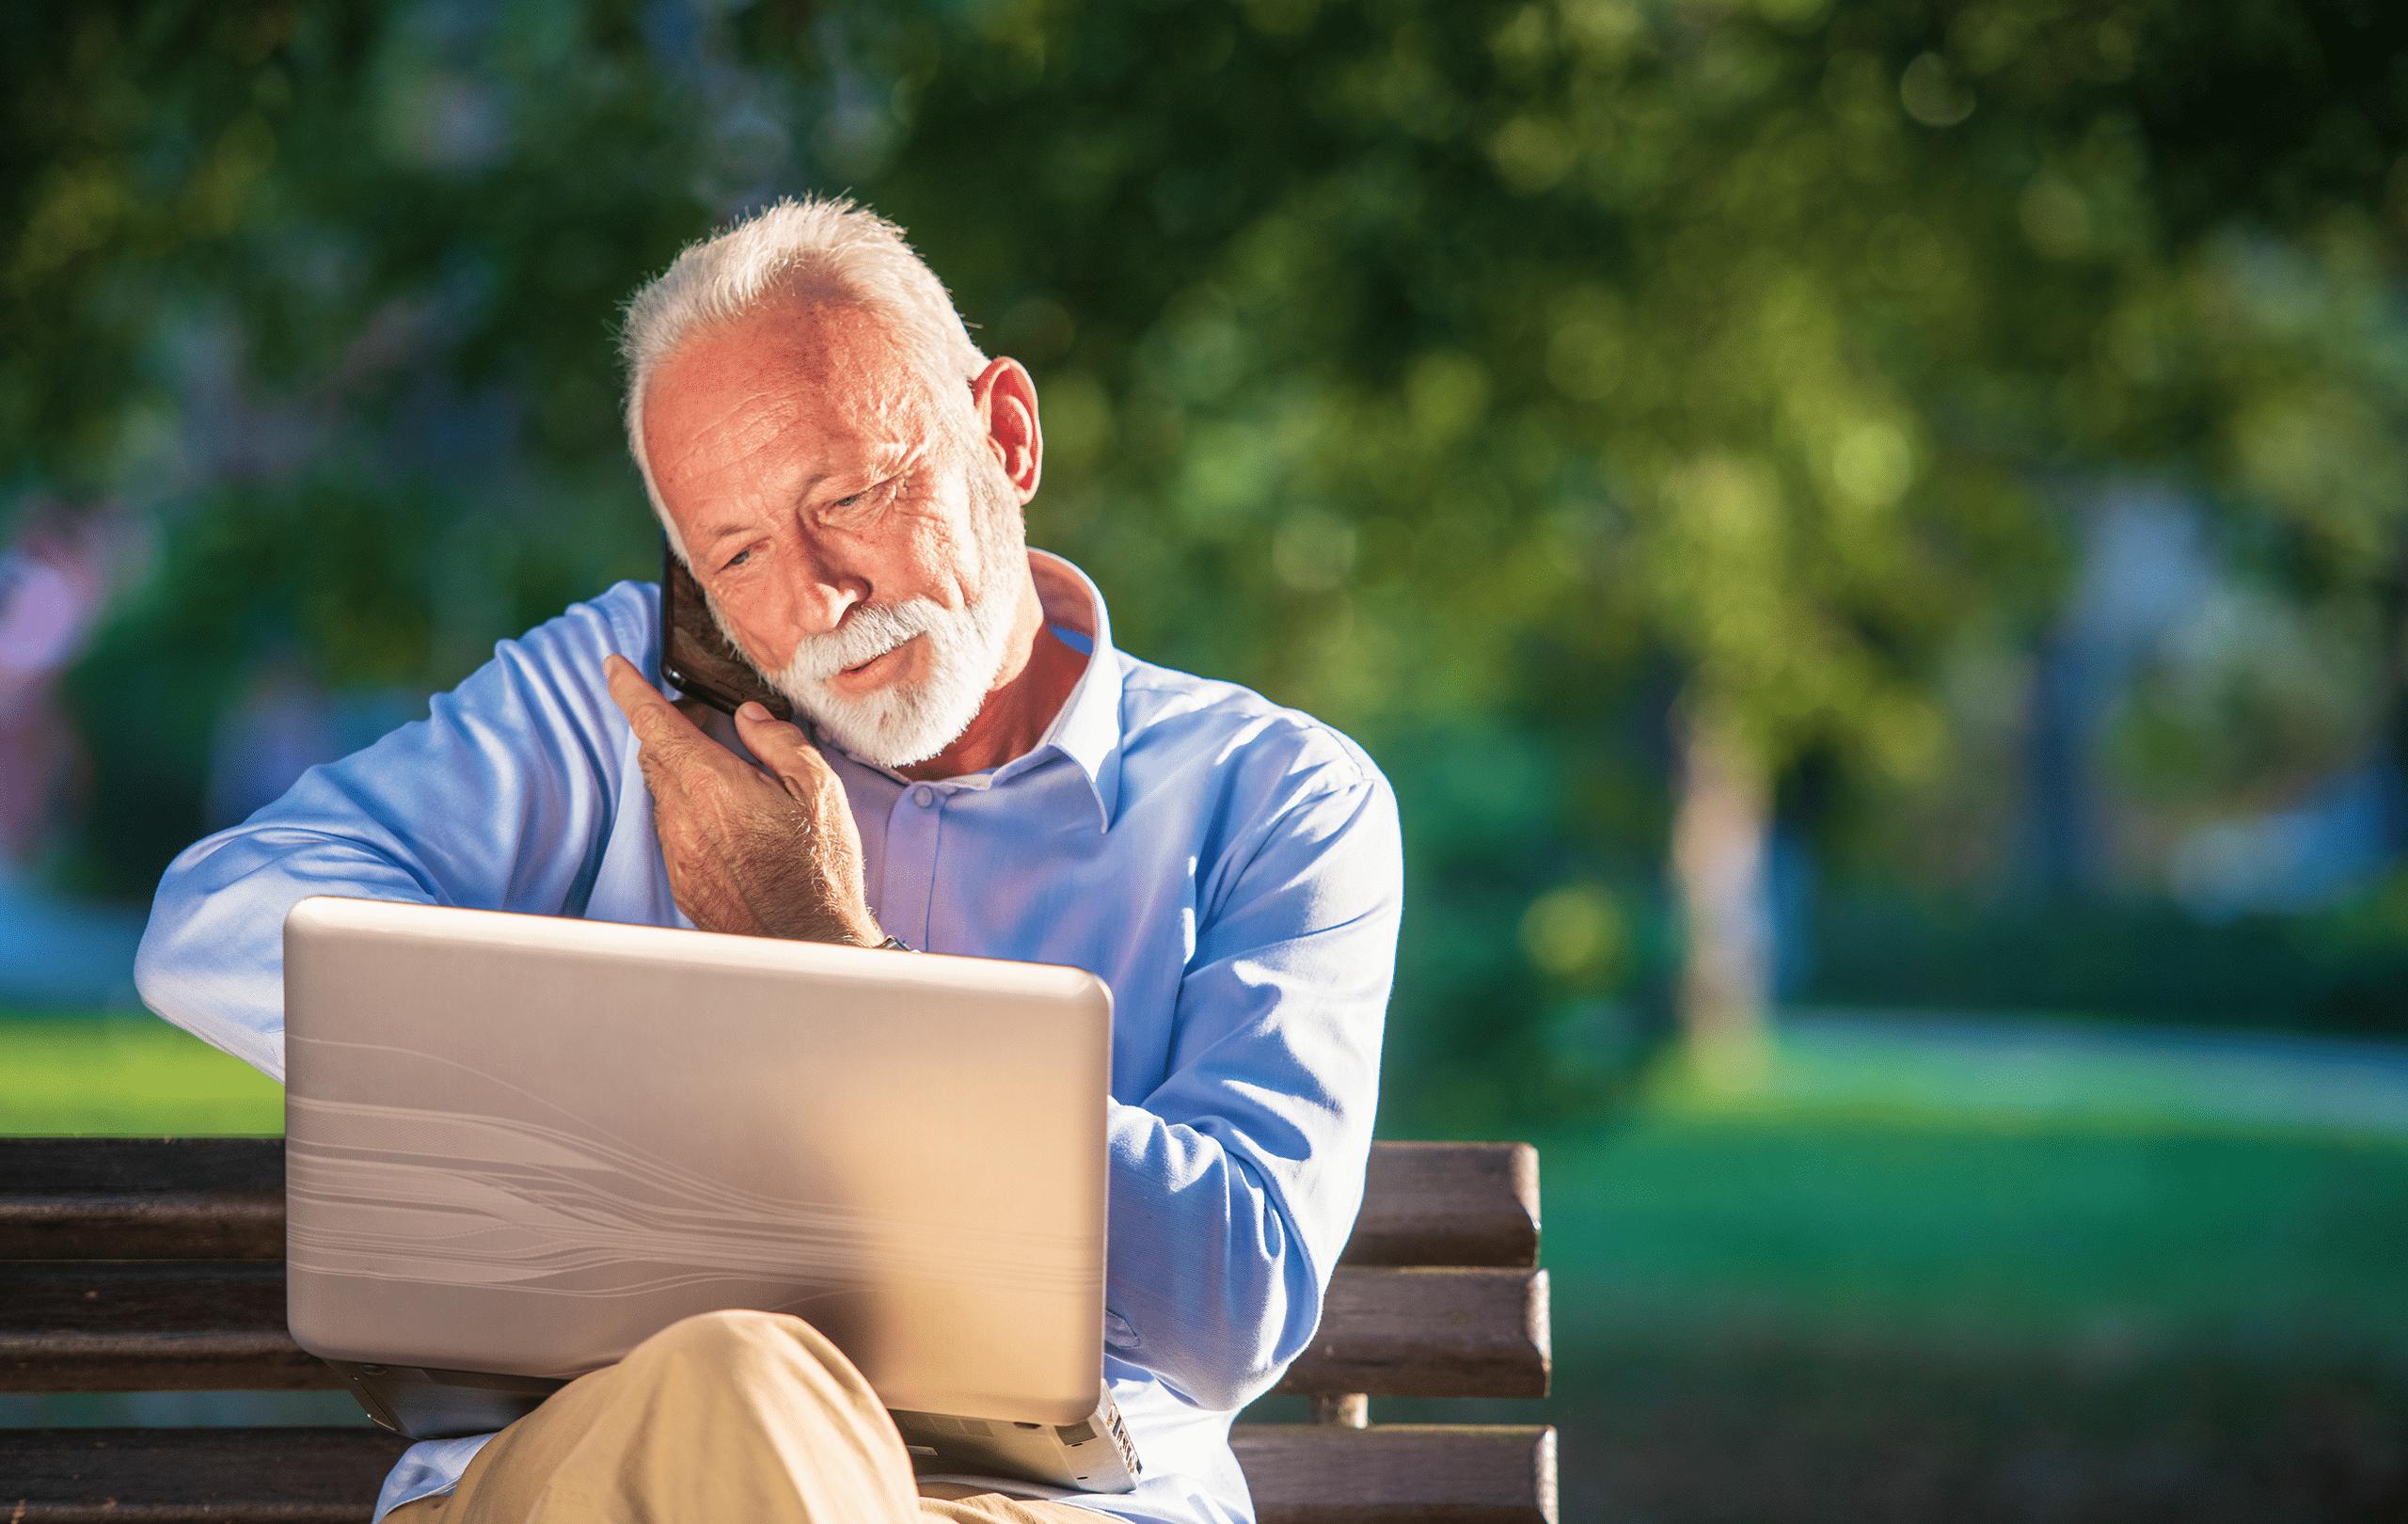 Vecchio signore seduto sulla panchina del parco, telefonando e avendo il computer portatile in ginocchio.